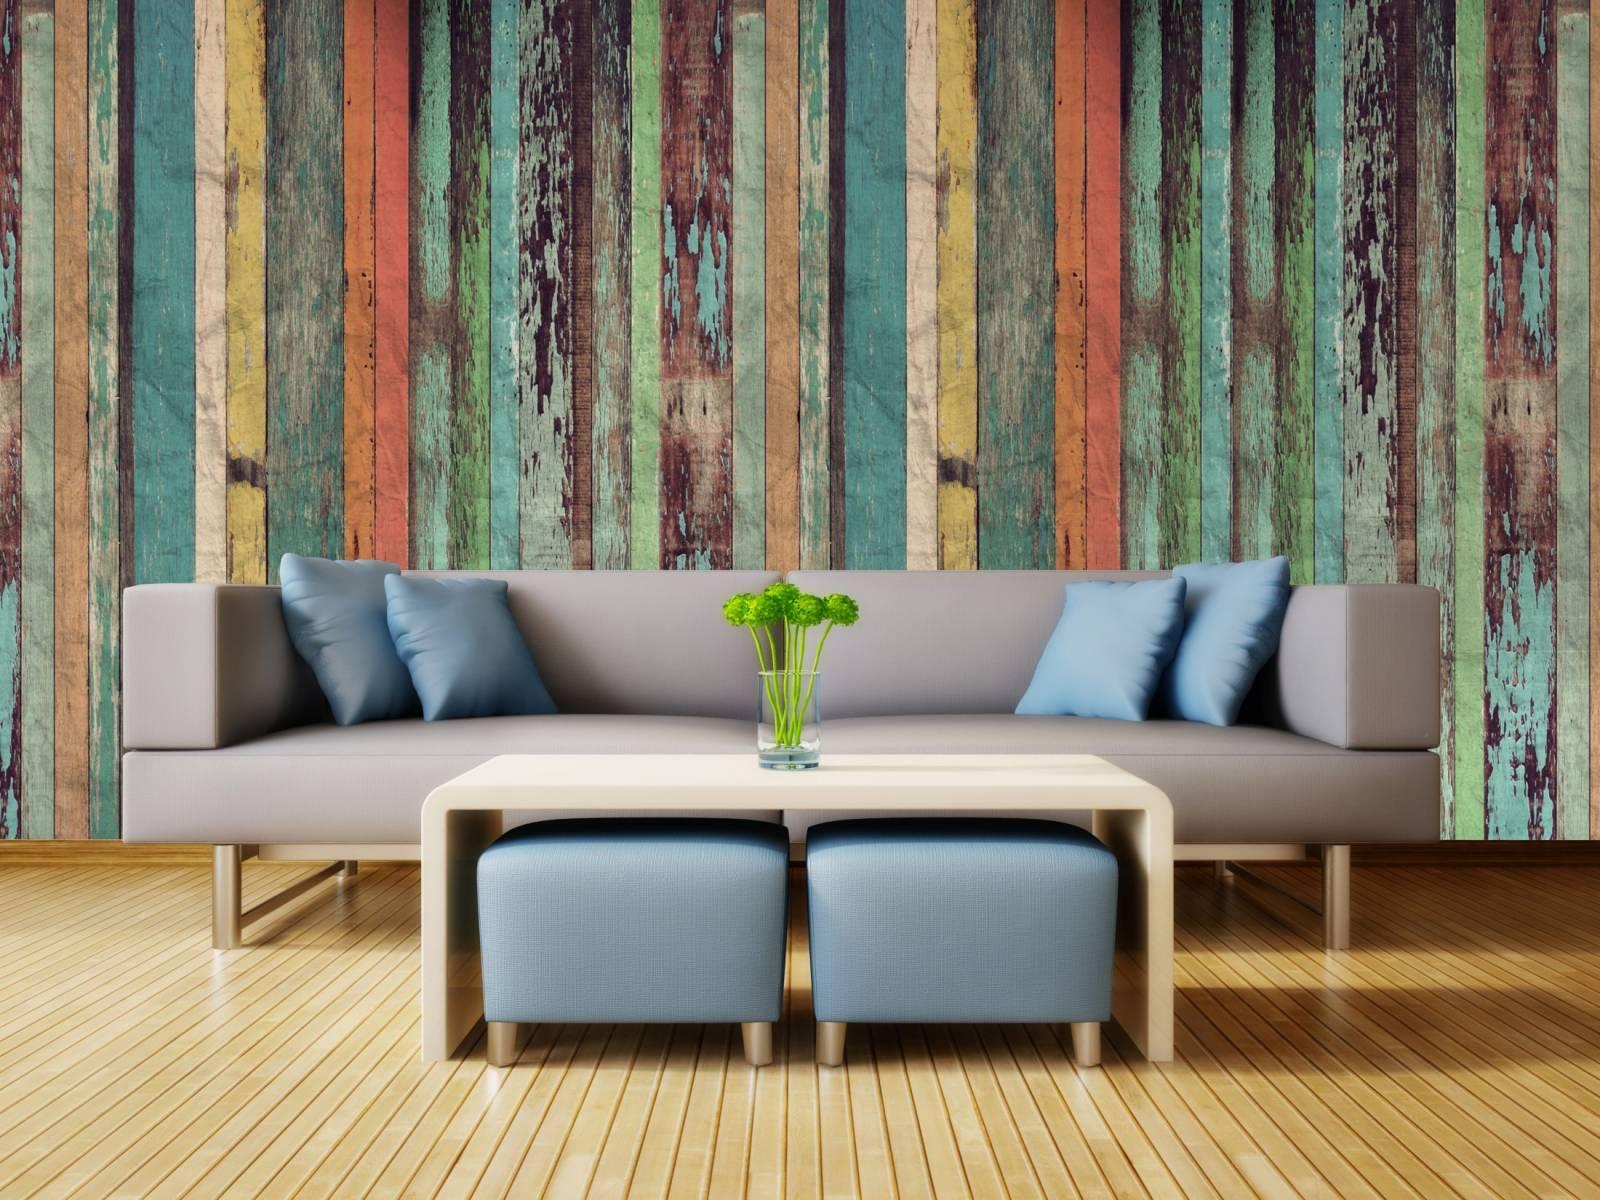 Papel de Parede Madeira de Demolição Colorida/Rolo  - Redecorei